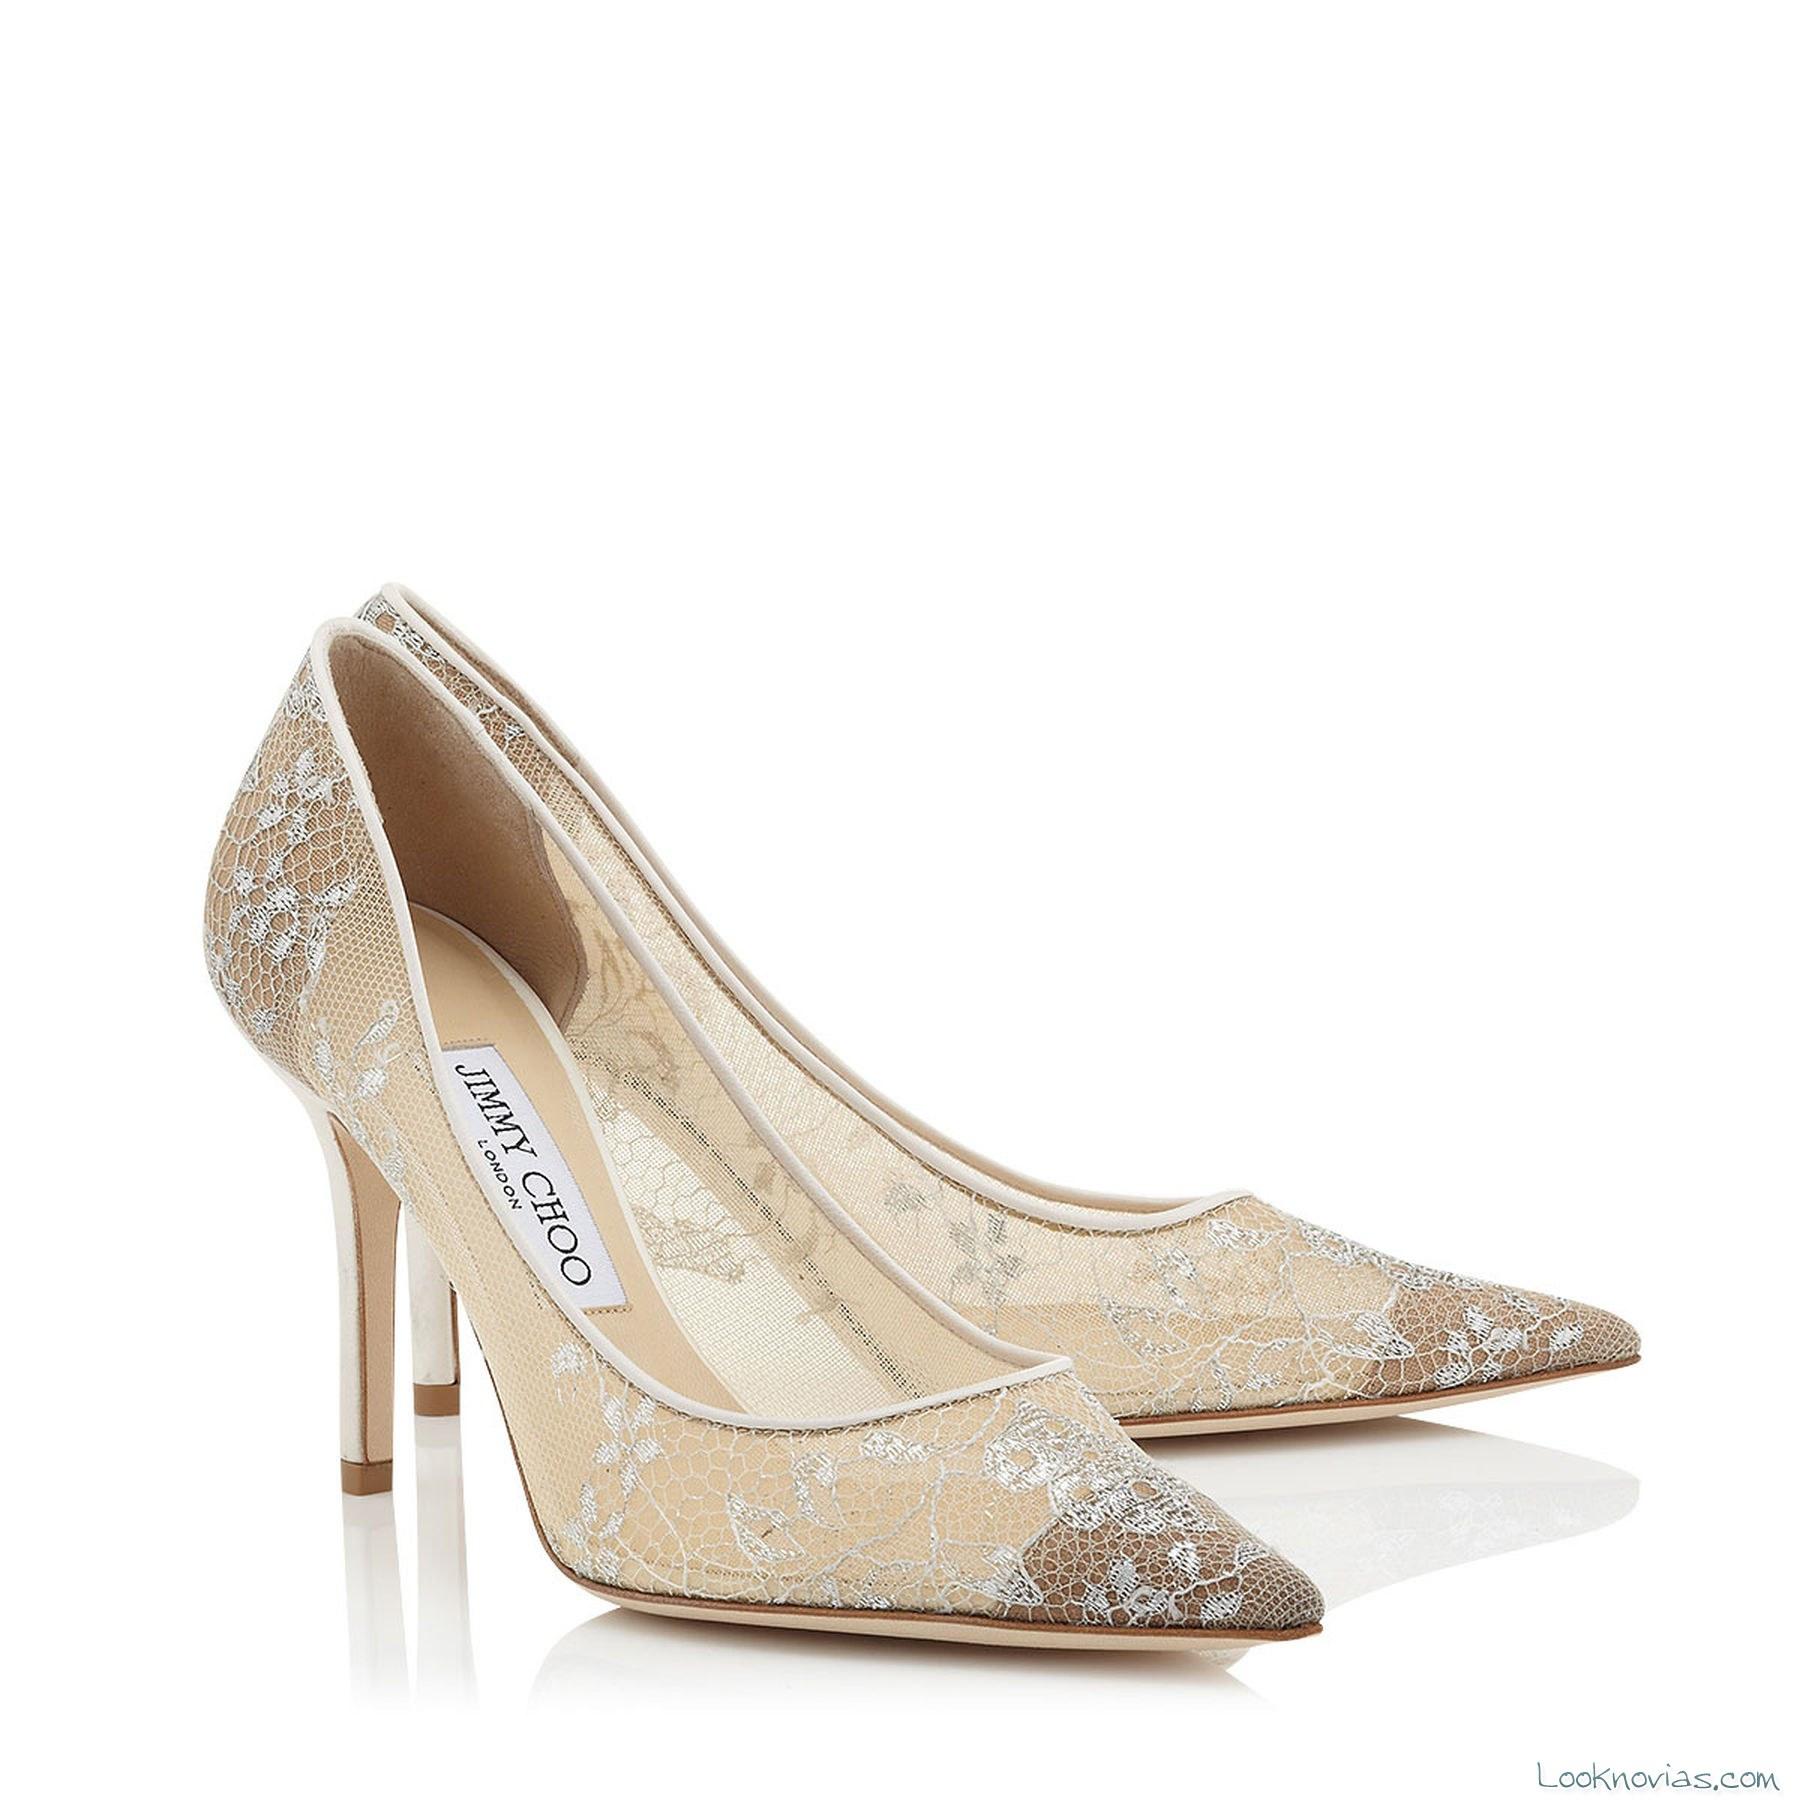 zapatos de novia semi-transparentes